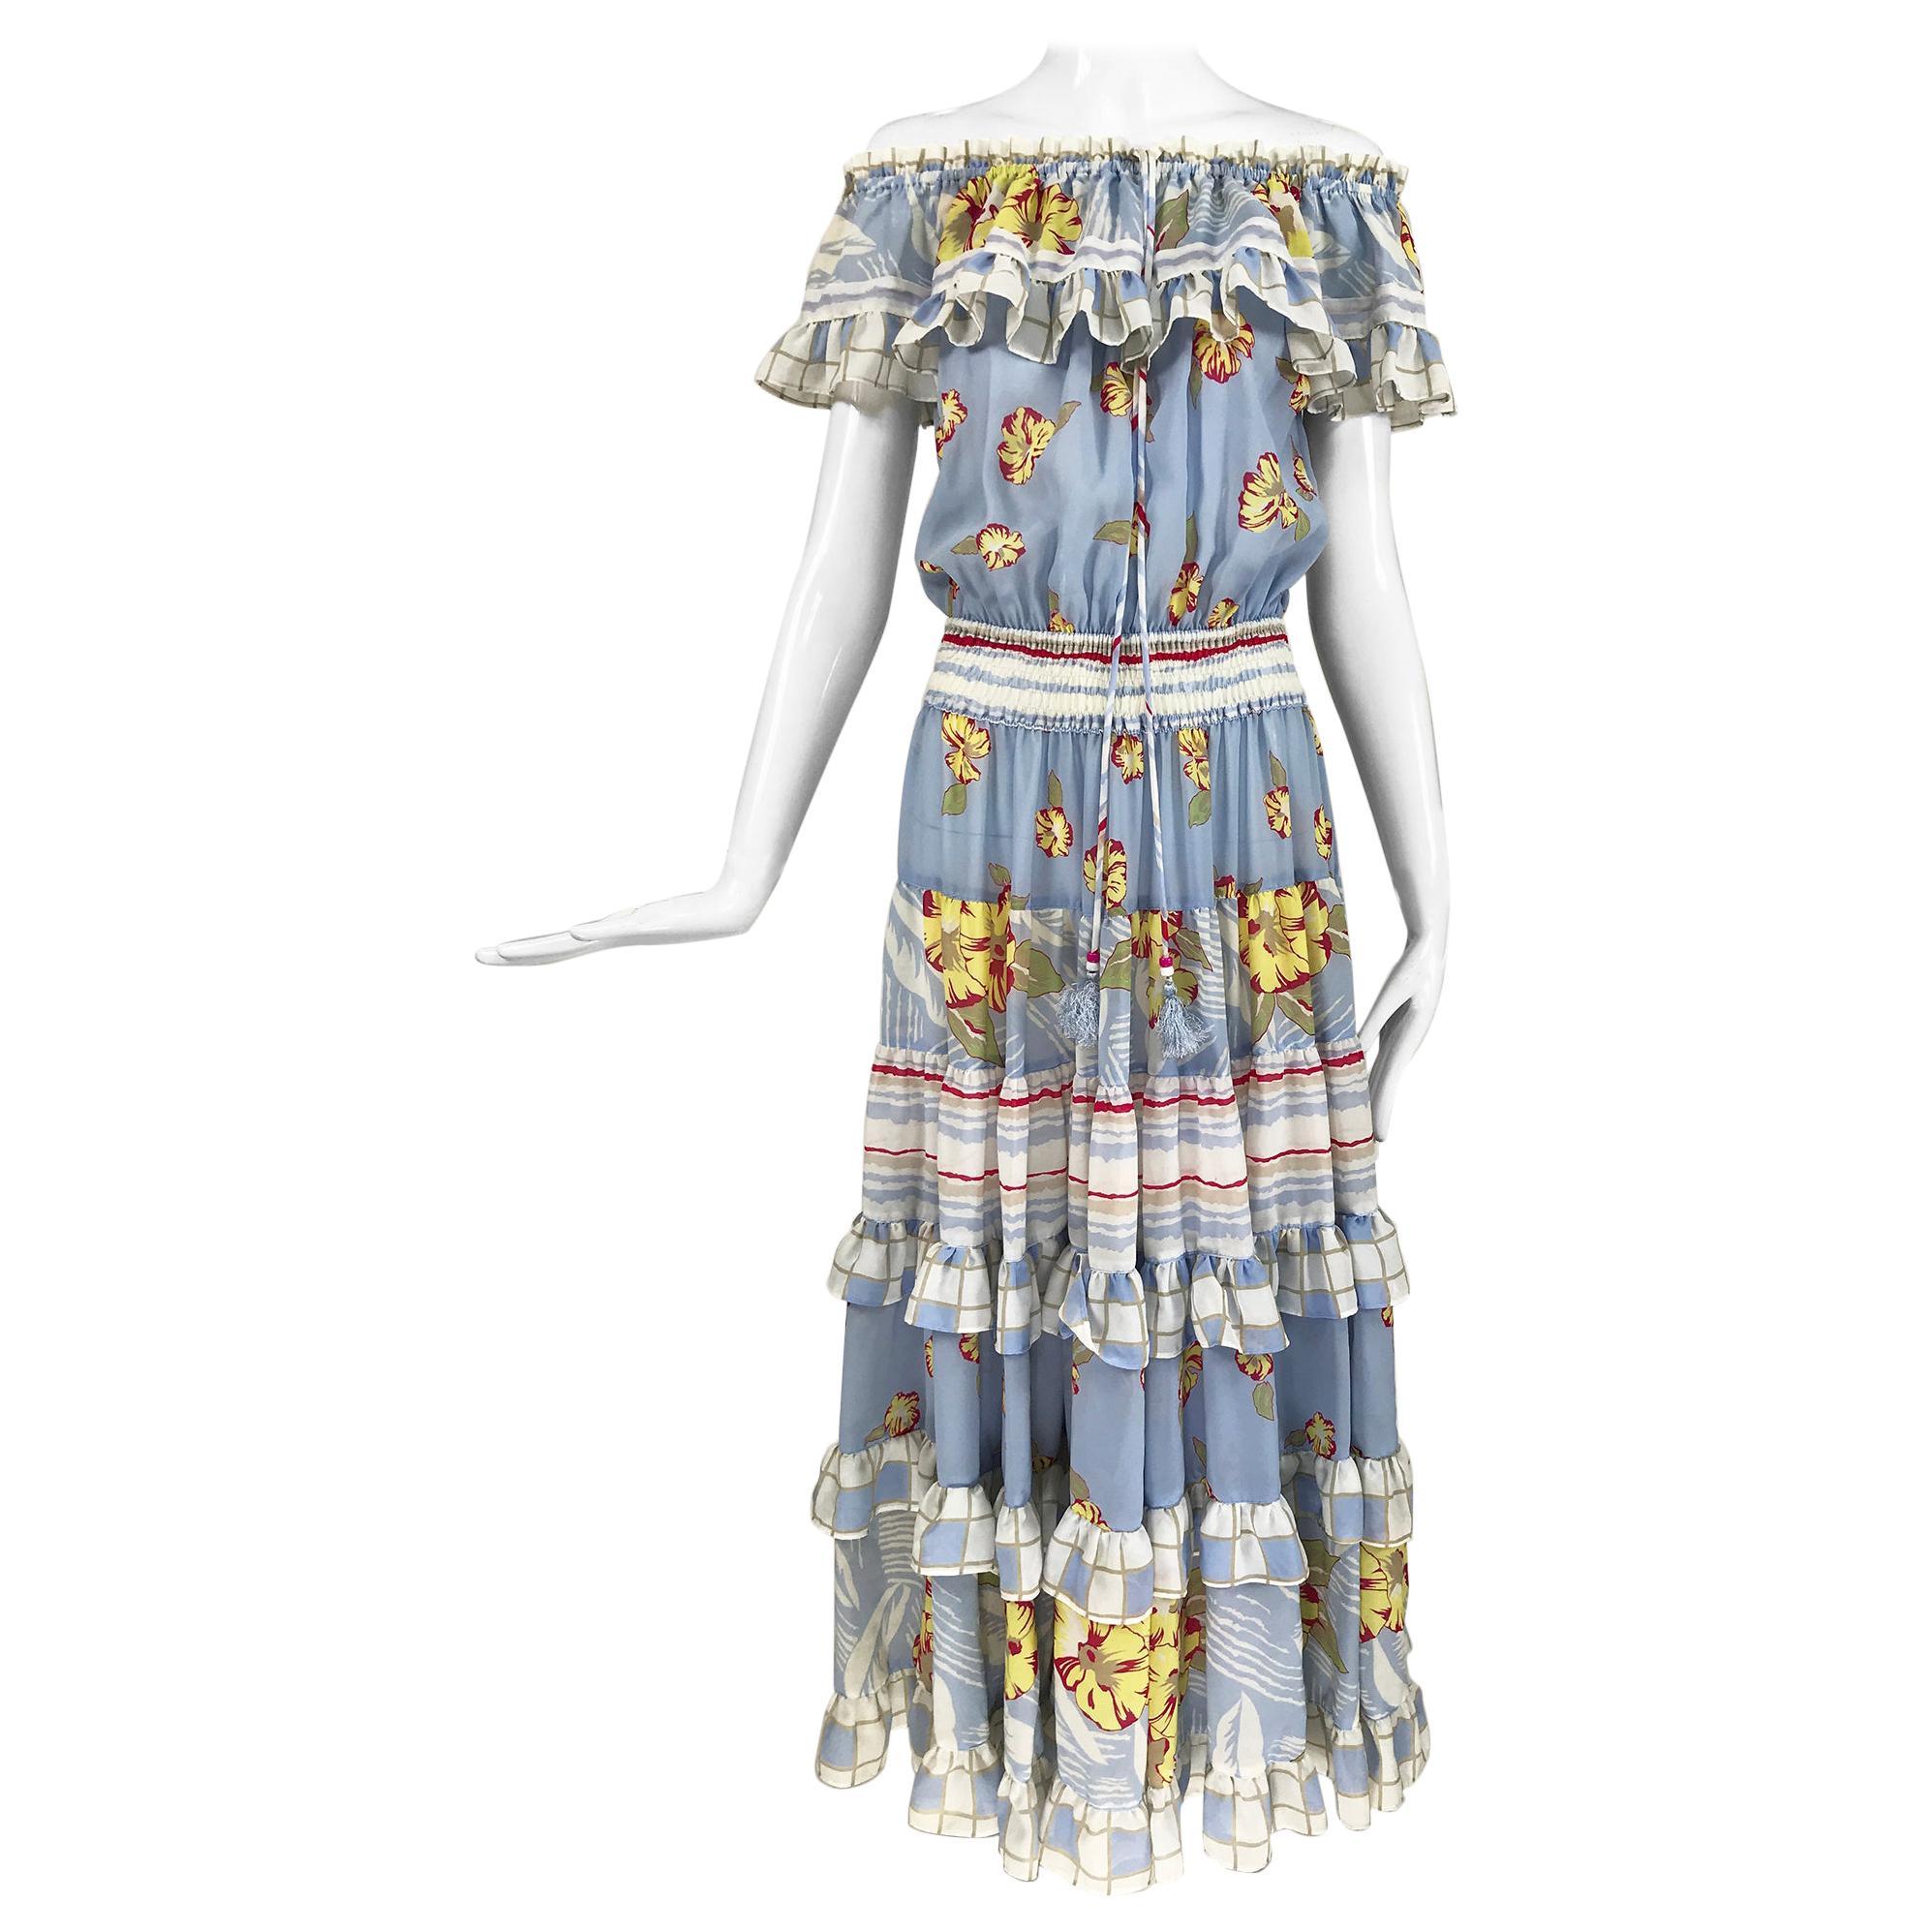 Diane Freis Strapless Ruffle Full Skirt Tropical Print Dress 1980s